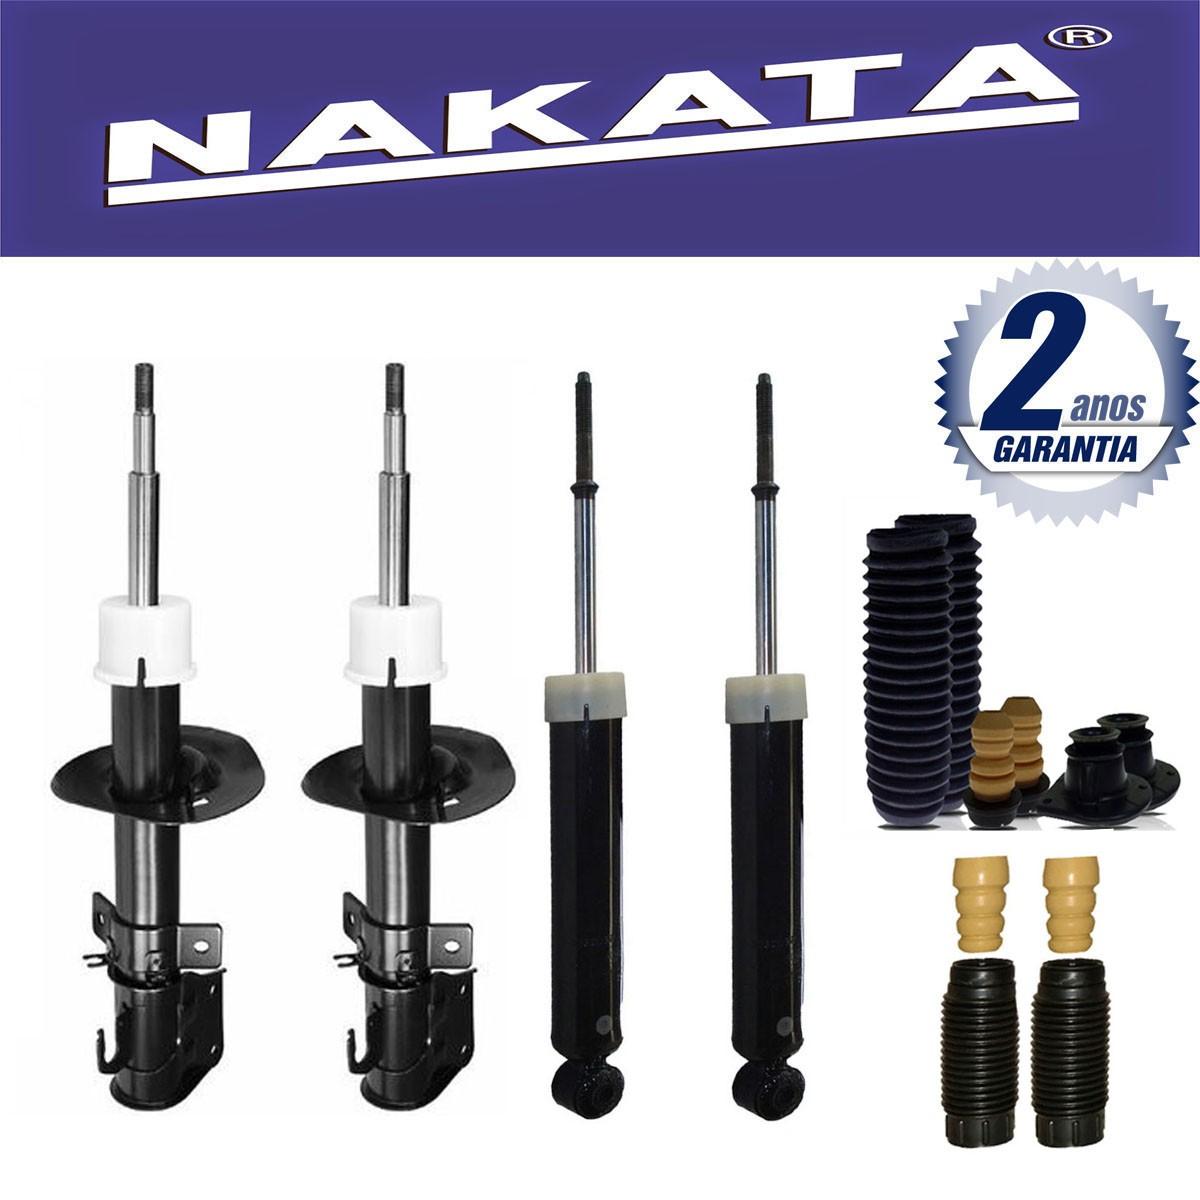 Jogo 04 Amortecedores Nakata Fiat Idea 2006 Até 2015 + Kit da Suspensão